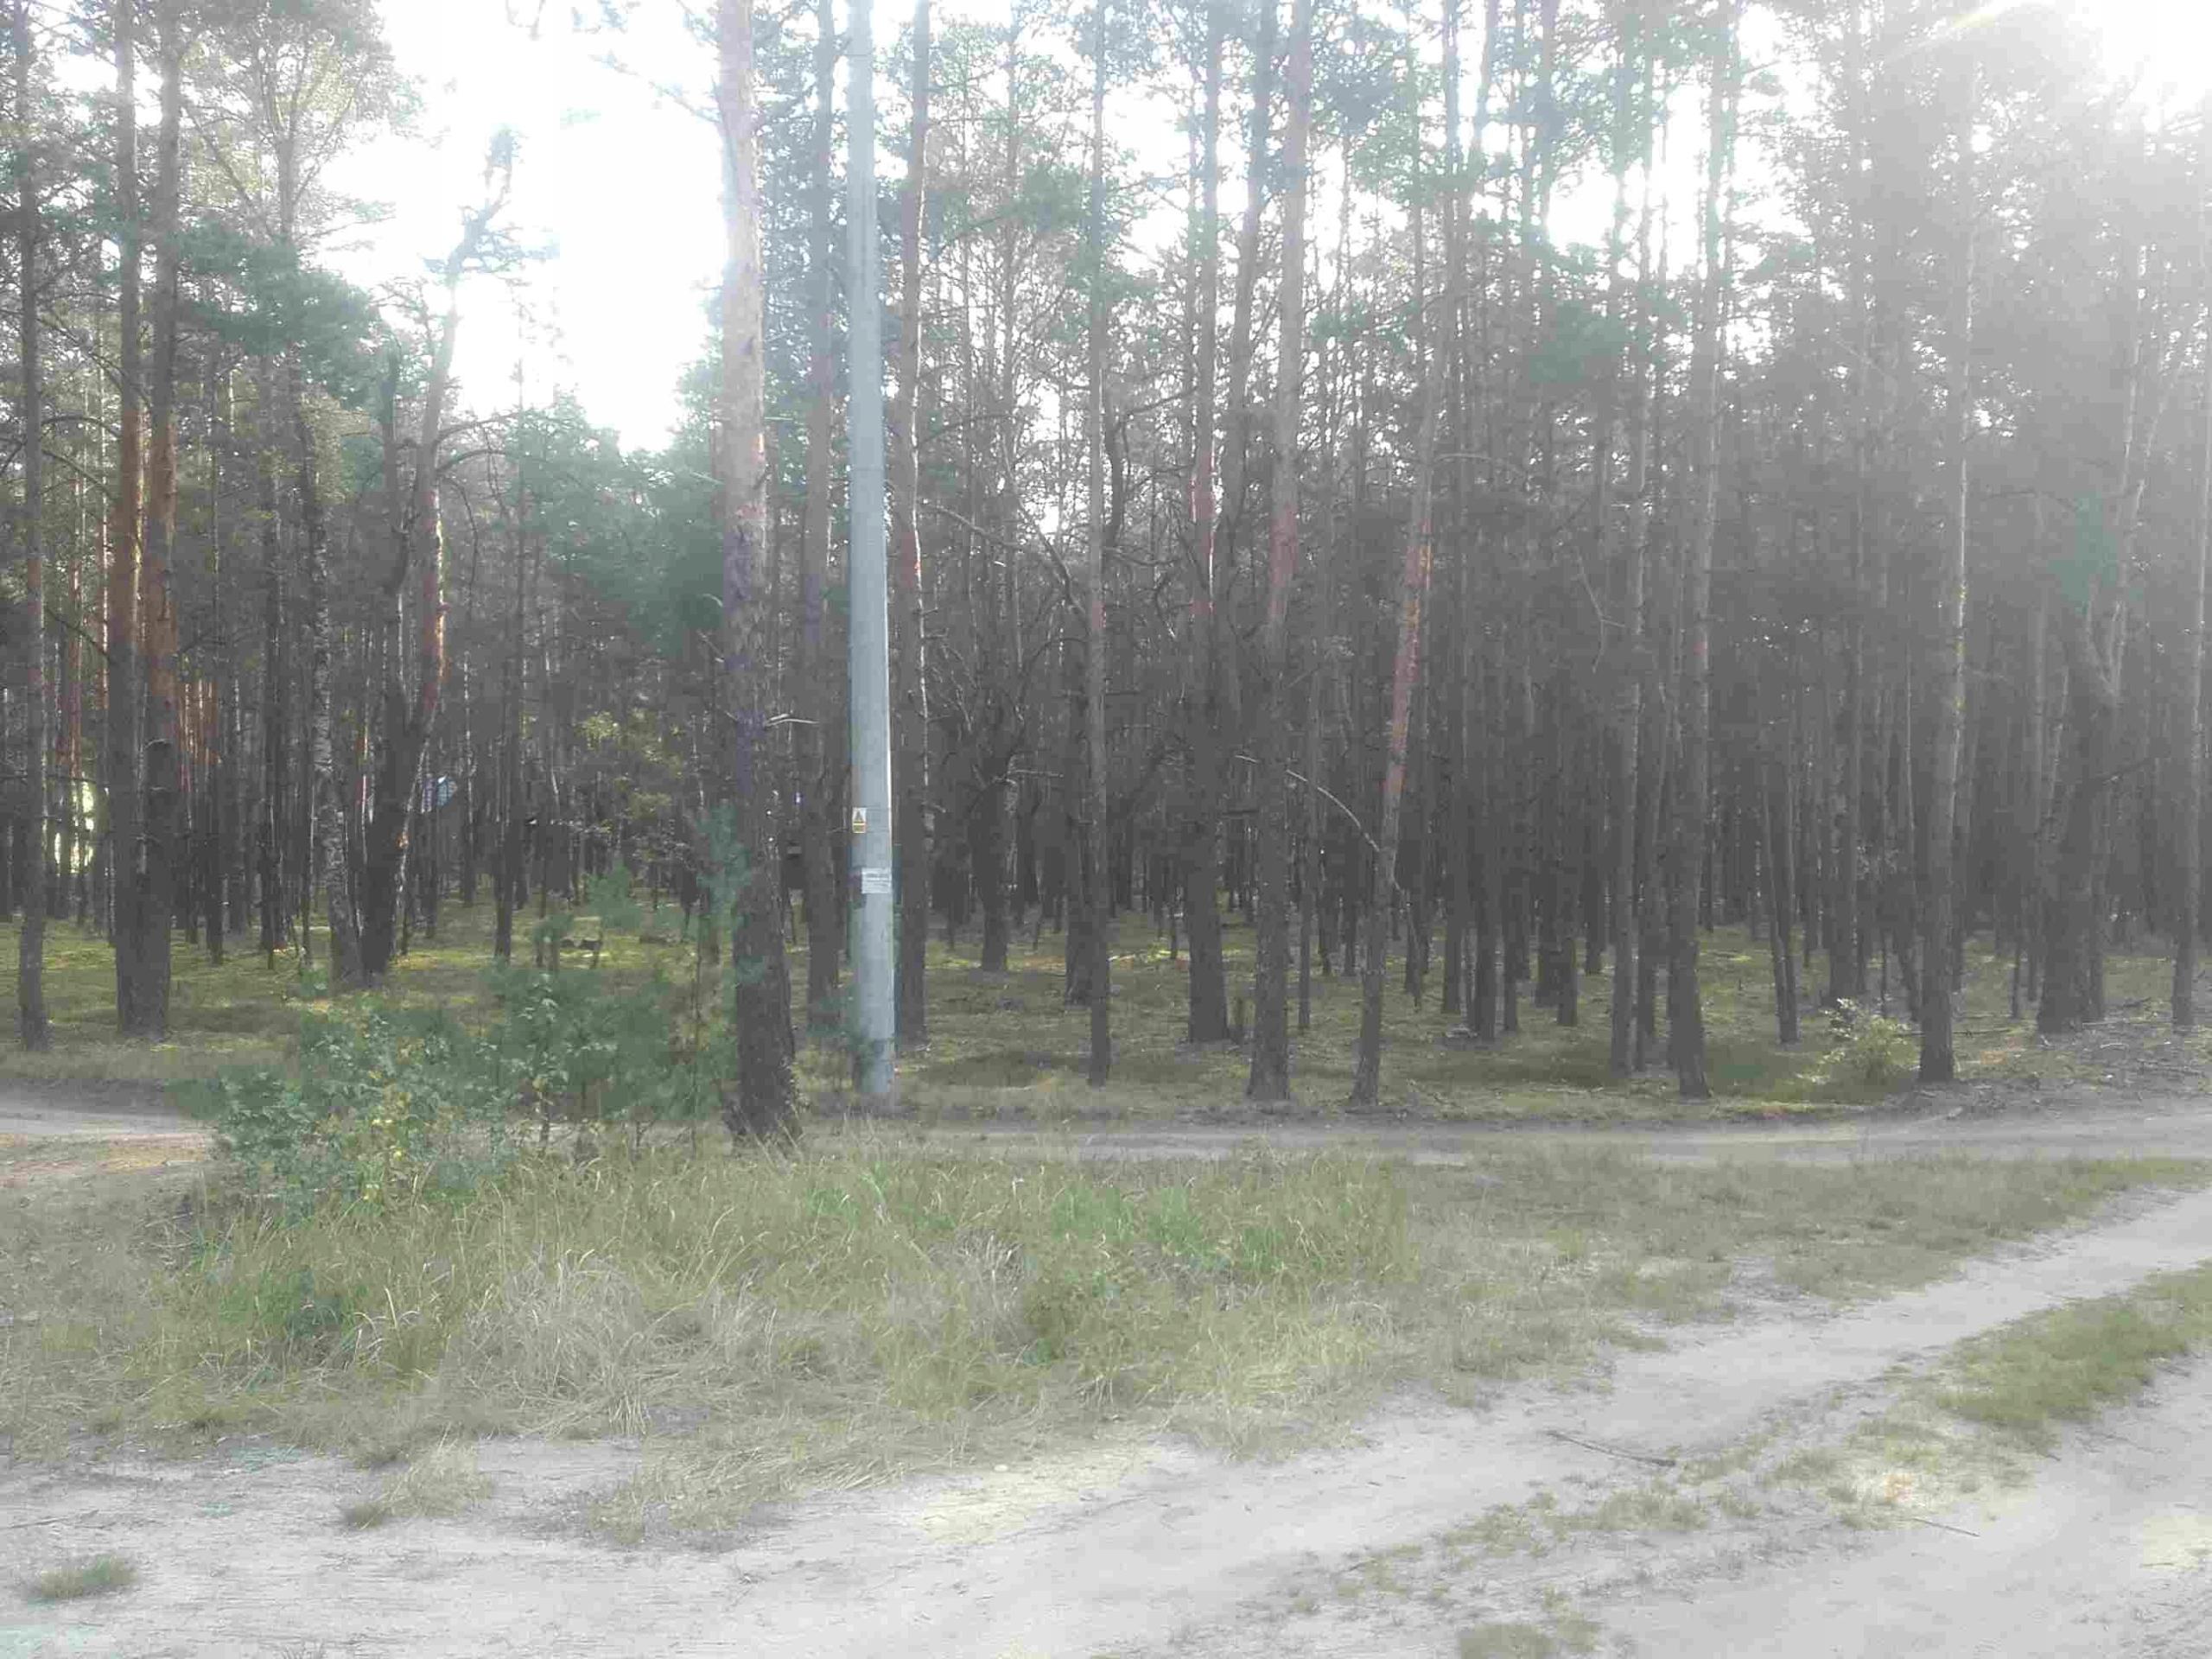 Działka leśna / budowlana Popowo Huta Podgórna